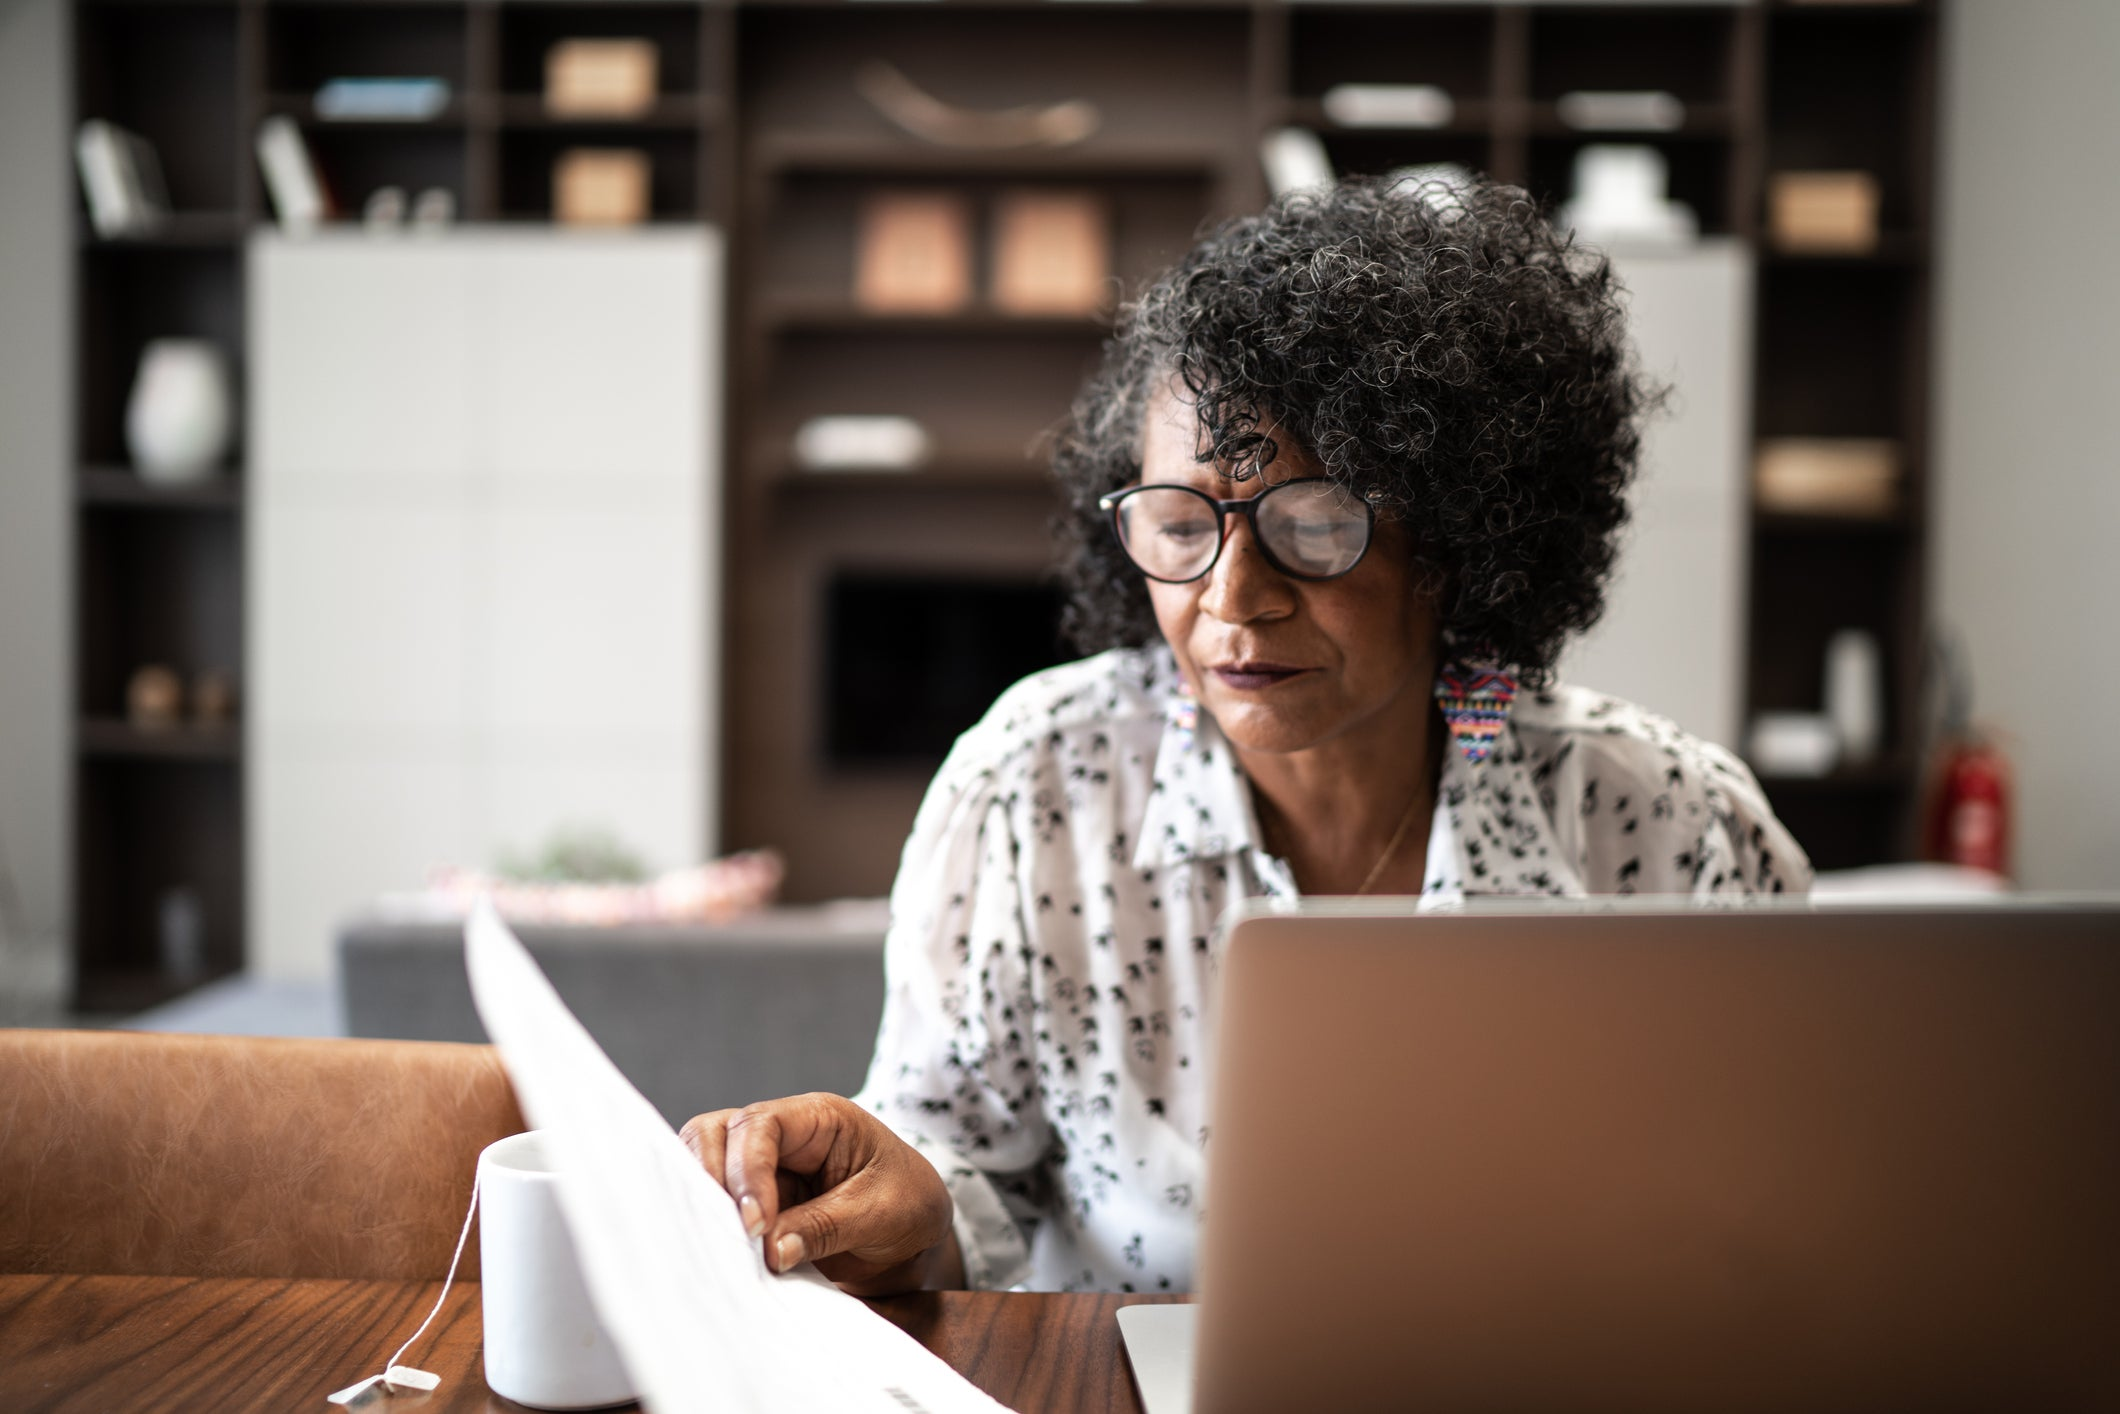 3 Popular Ways to Maximize Your Social Security Benefit